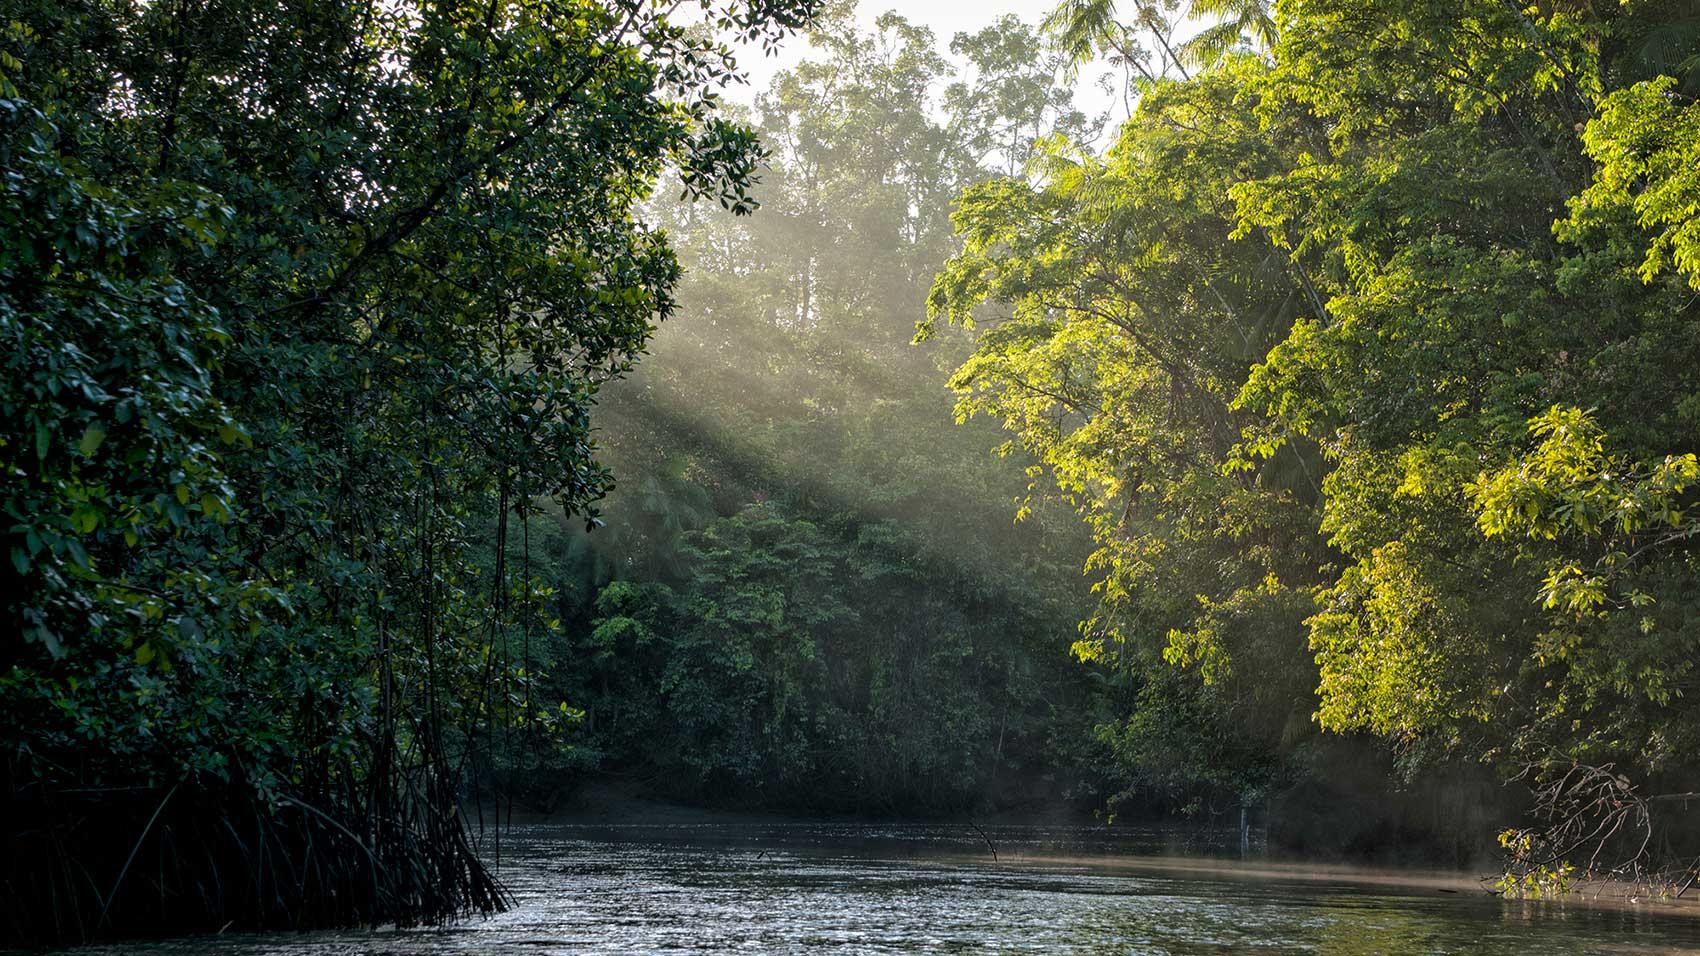 ในฐานะพันธมิตรด้านการอนุรักษ์SC Johnson และองค์กรอนุรักษ์สิ่งแวดล้อมนานาชาติ ทำงานร่วมกันเพื่อหยุดการตัดไม้ทำลายป่าในอเมซอน